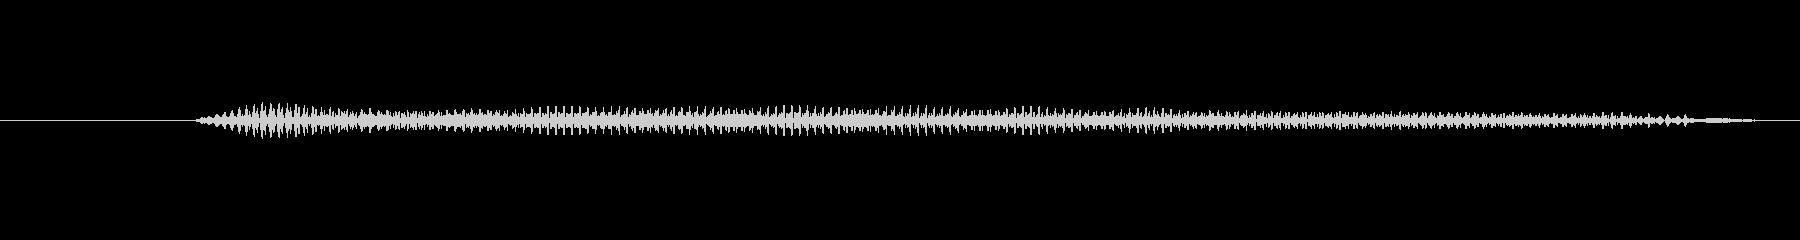 鳴き声 リトルガールドリーミー04の未再生の波形